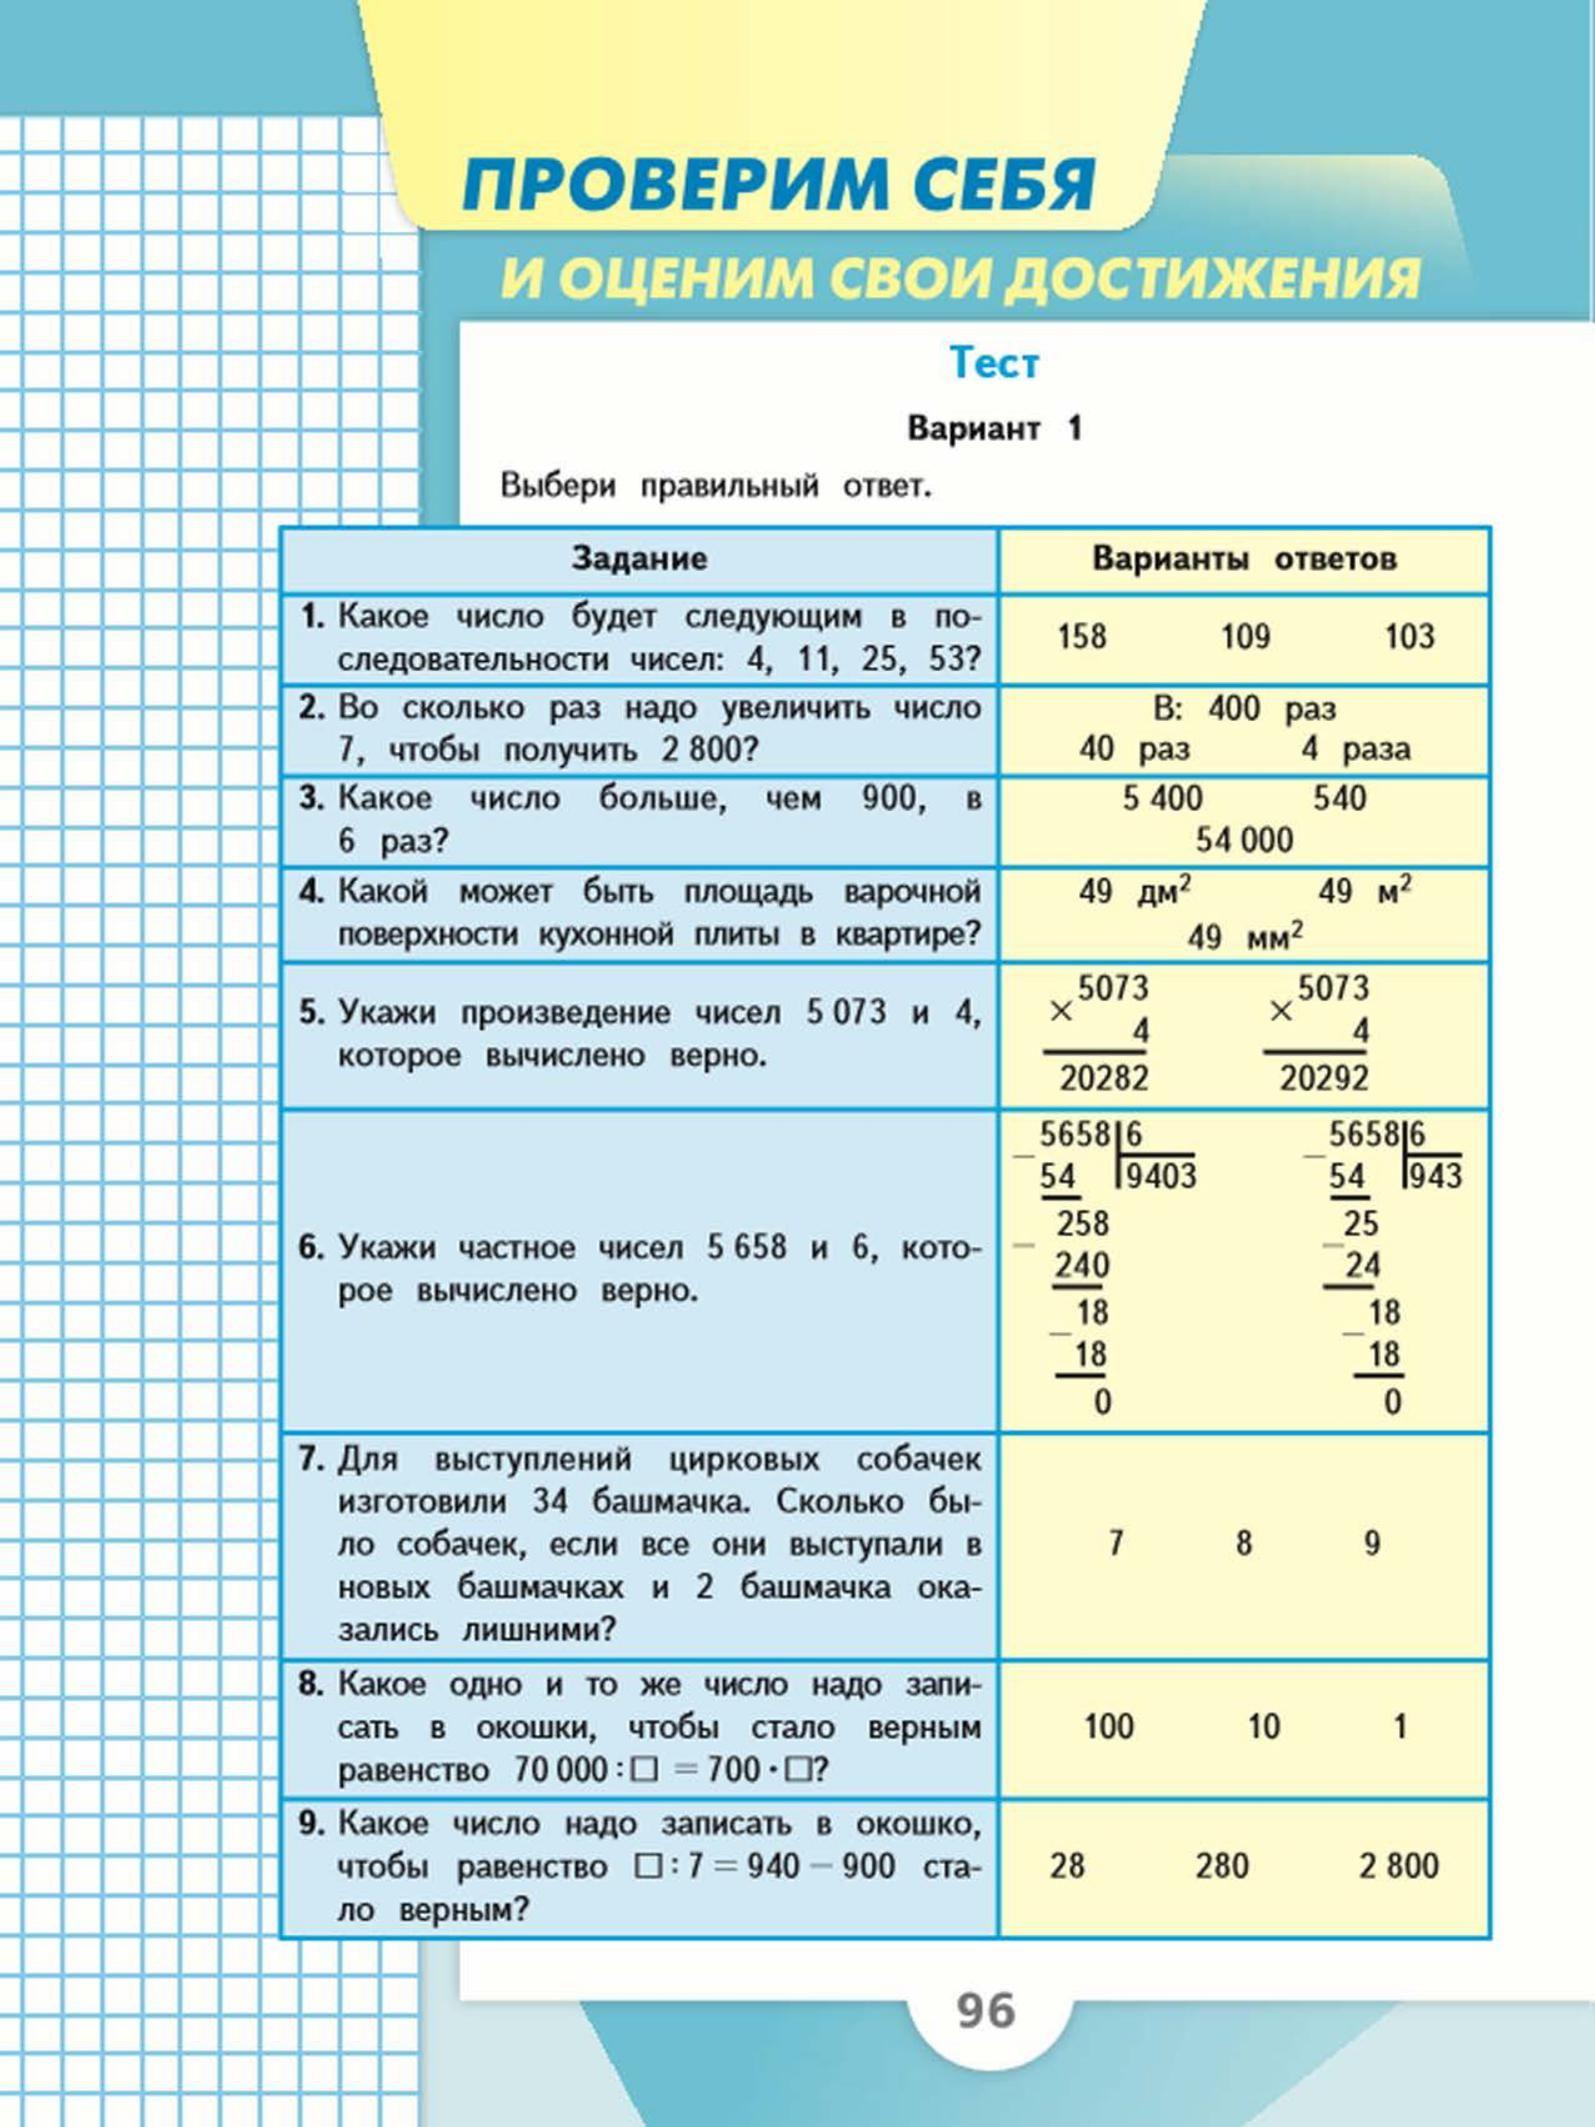 Гдз по русскому языку 7 класс граник онлайн